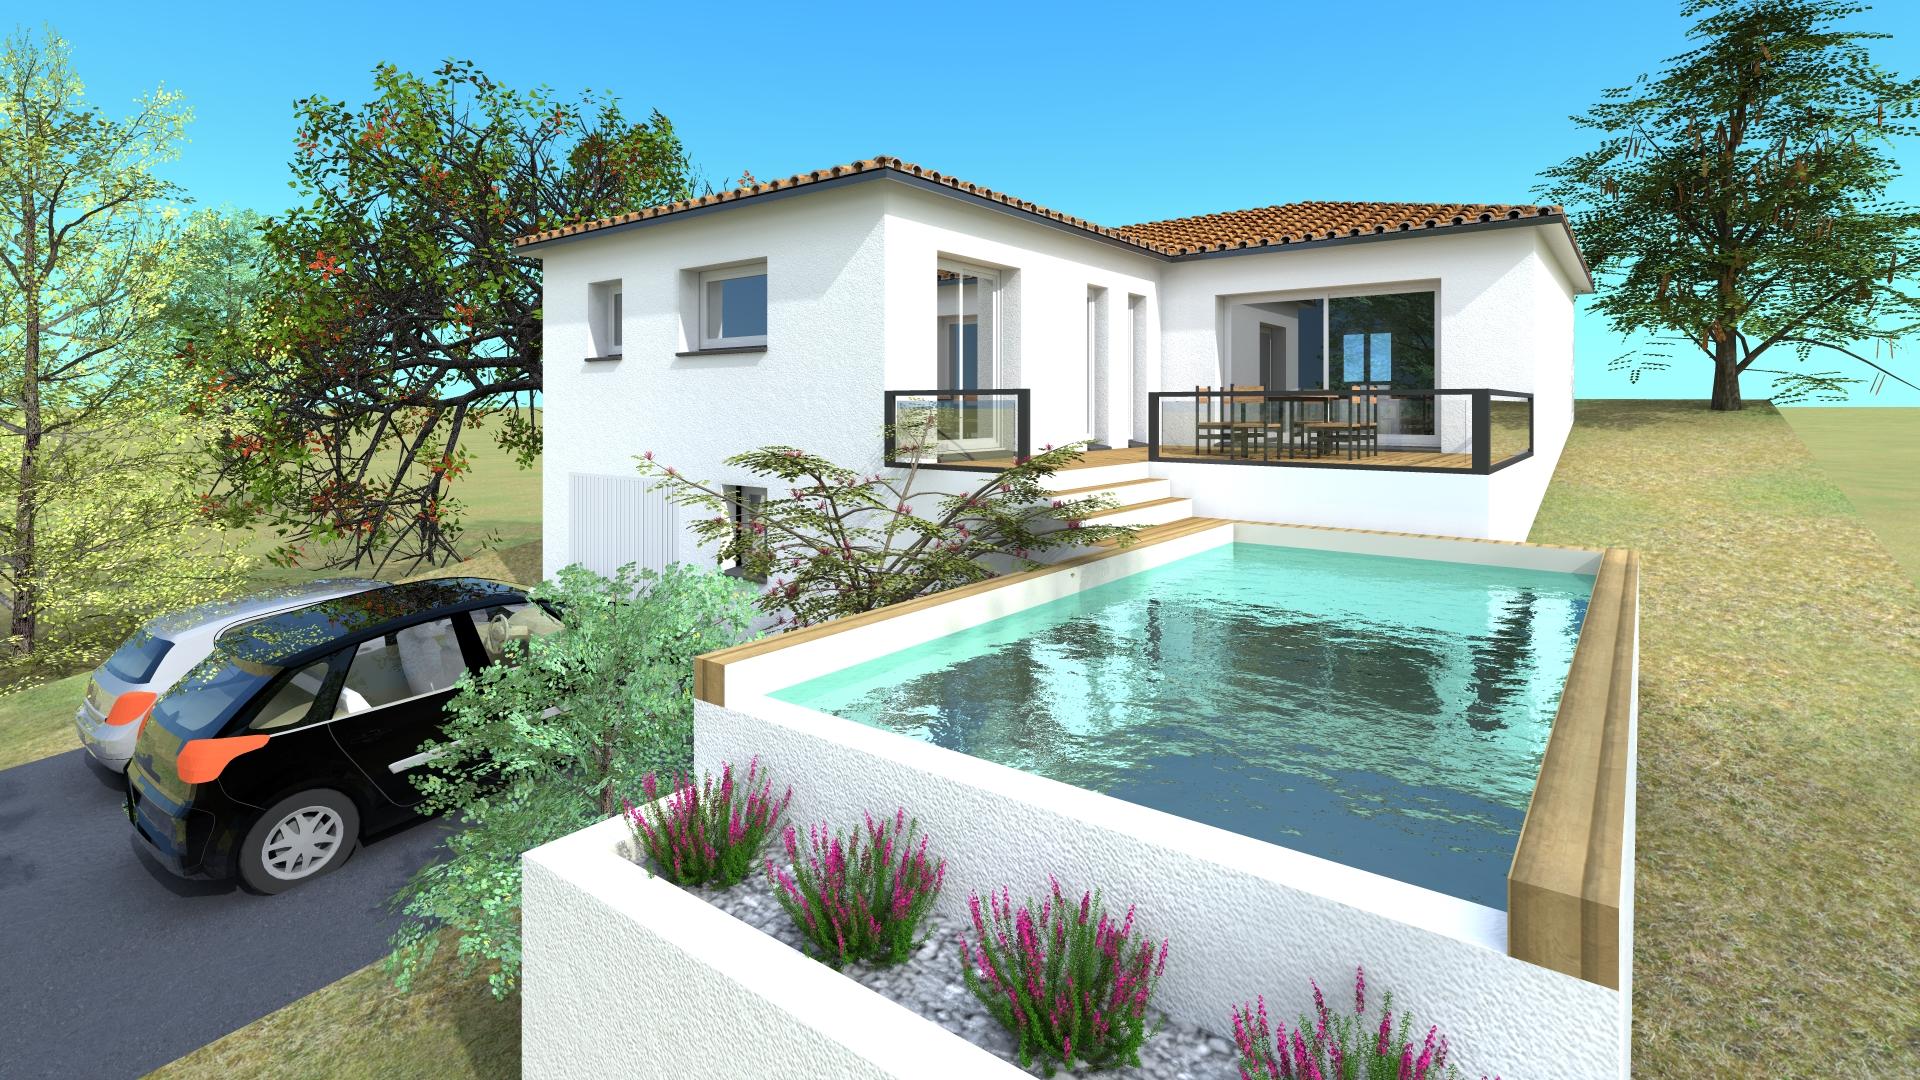 Maisons + Terrains du constructeur VILLAS SUD CREATION • 105 m² • MONTASTRUC LA CONSEILLERE